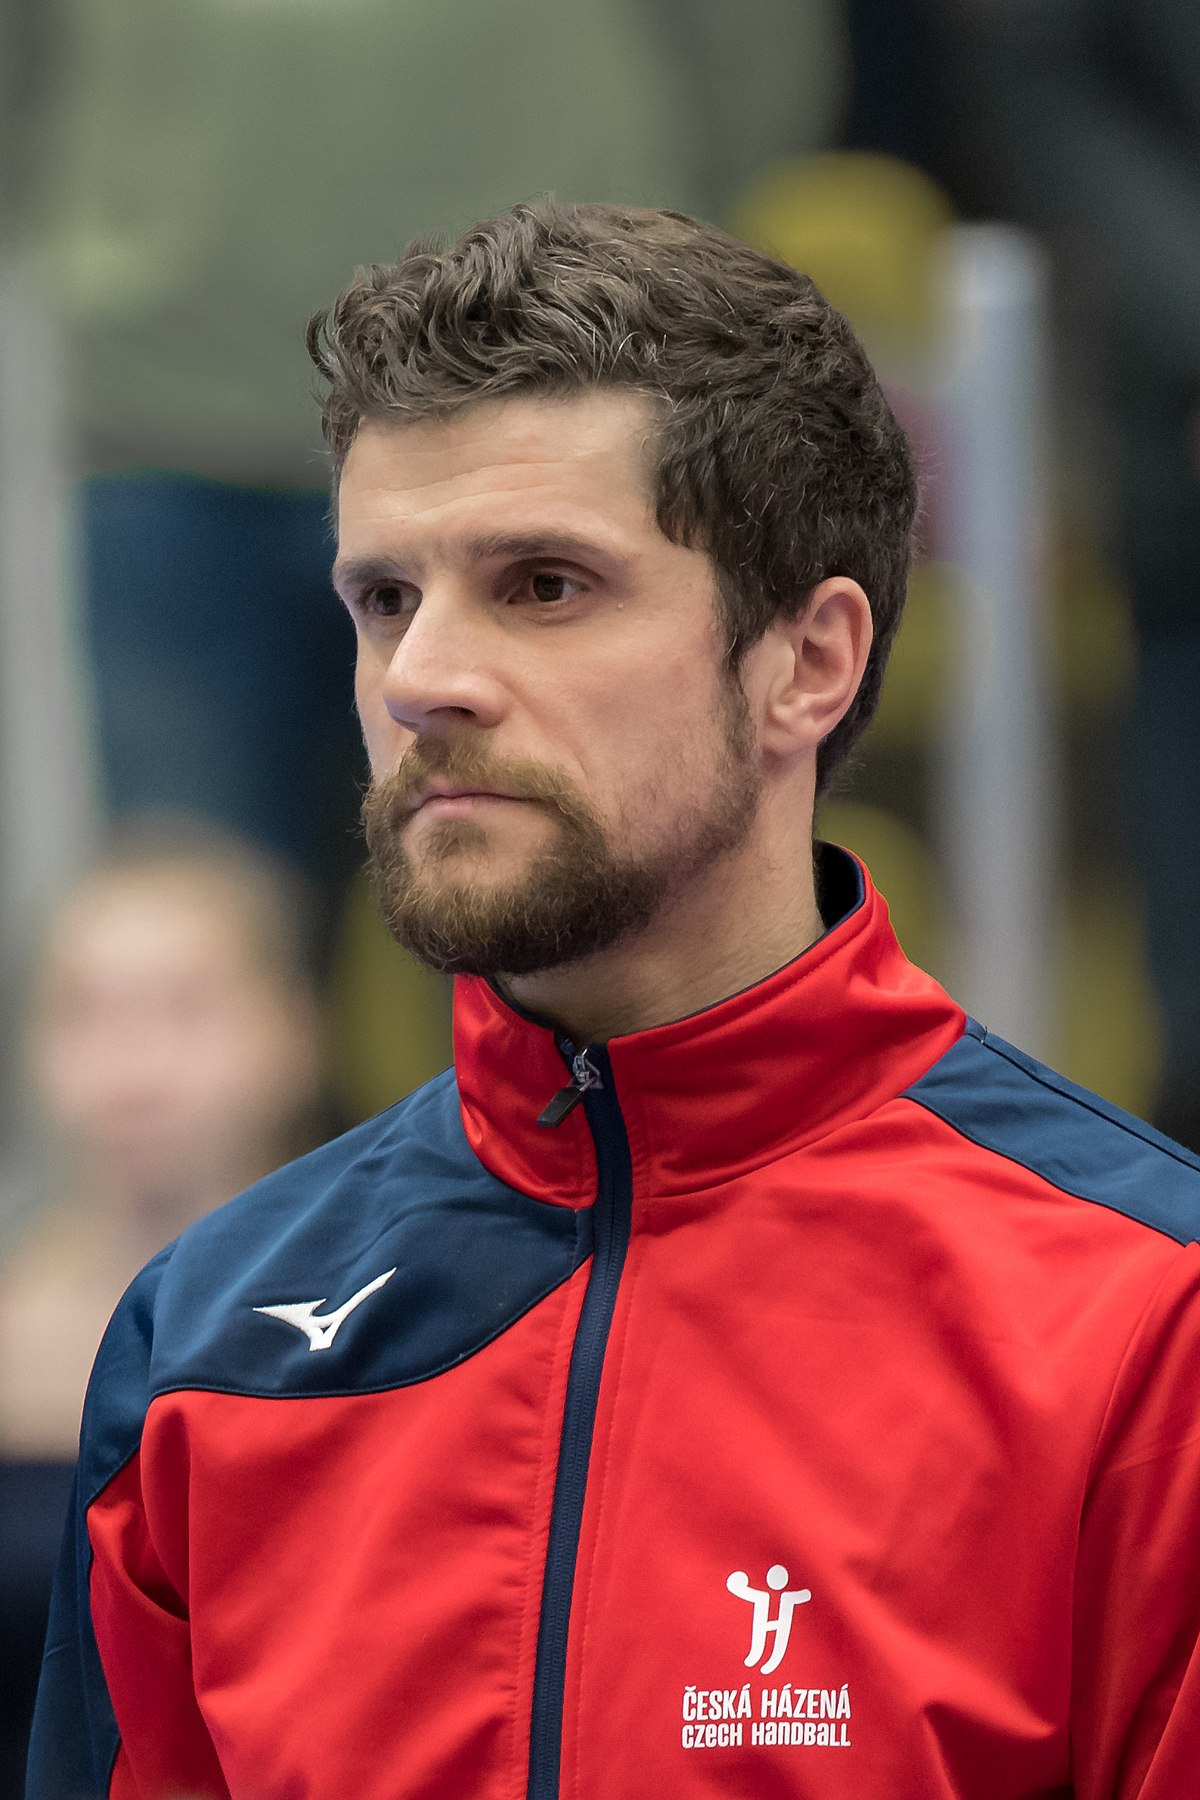 Handball schweiz norwegen tv